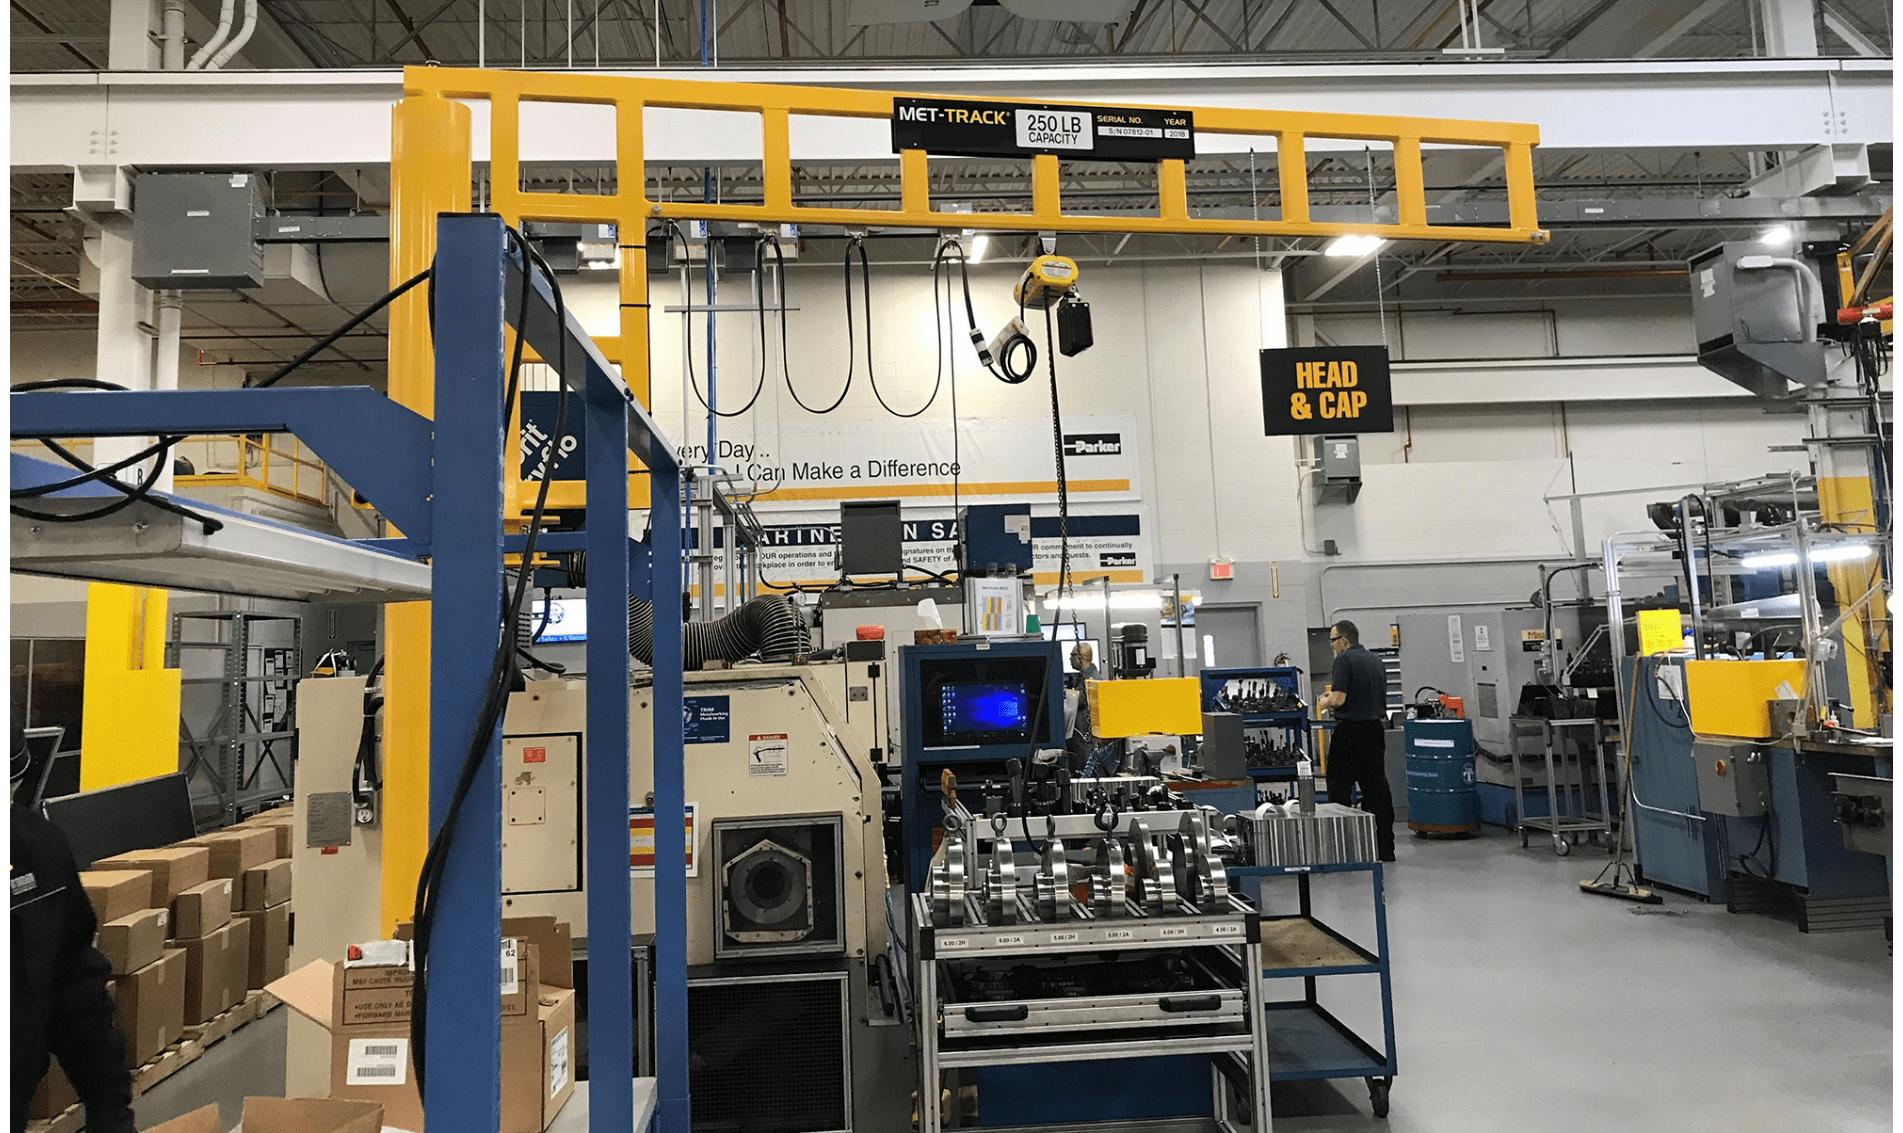 Screenshot_2021-05-18 MET-TRACK Workstation Jib Cranes Metreel Inc (2)